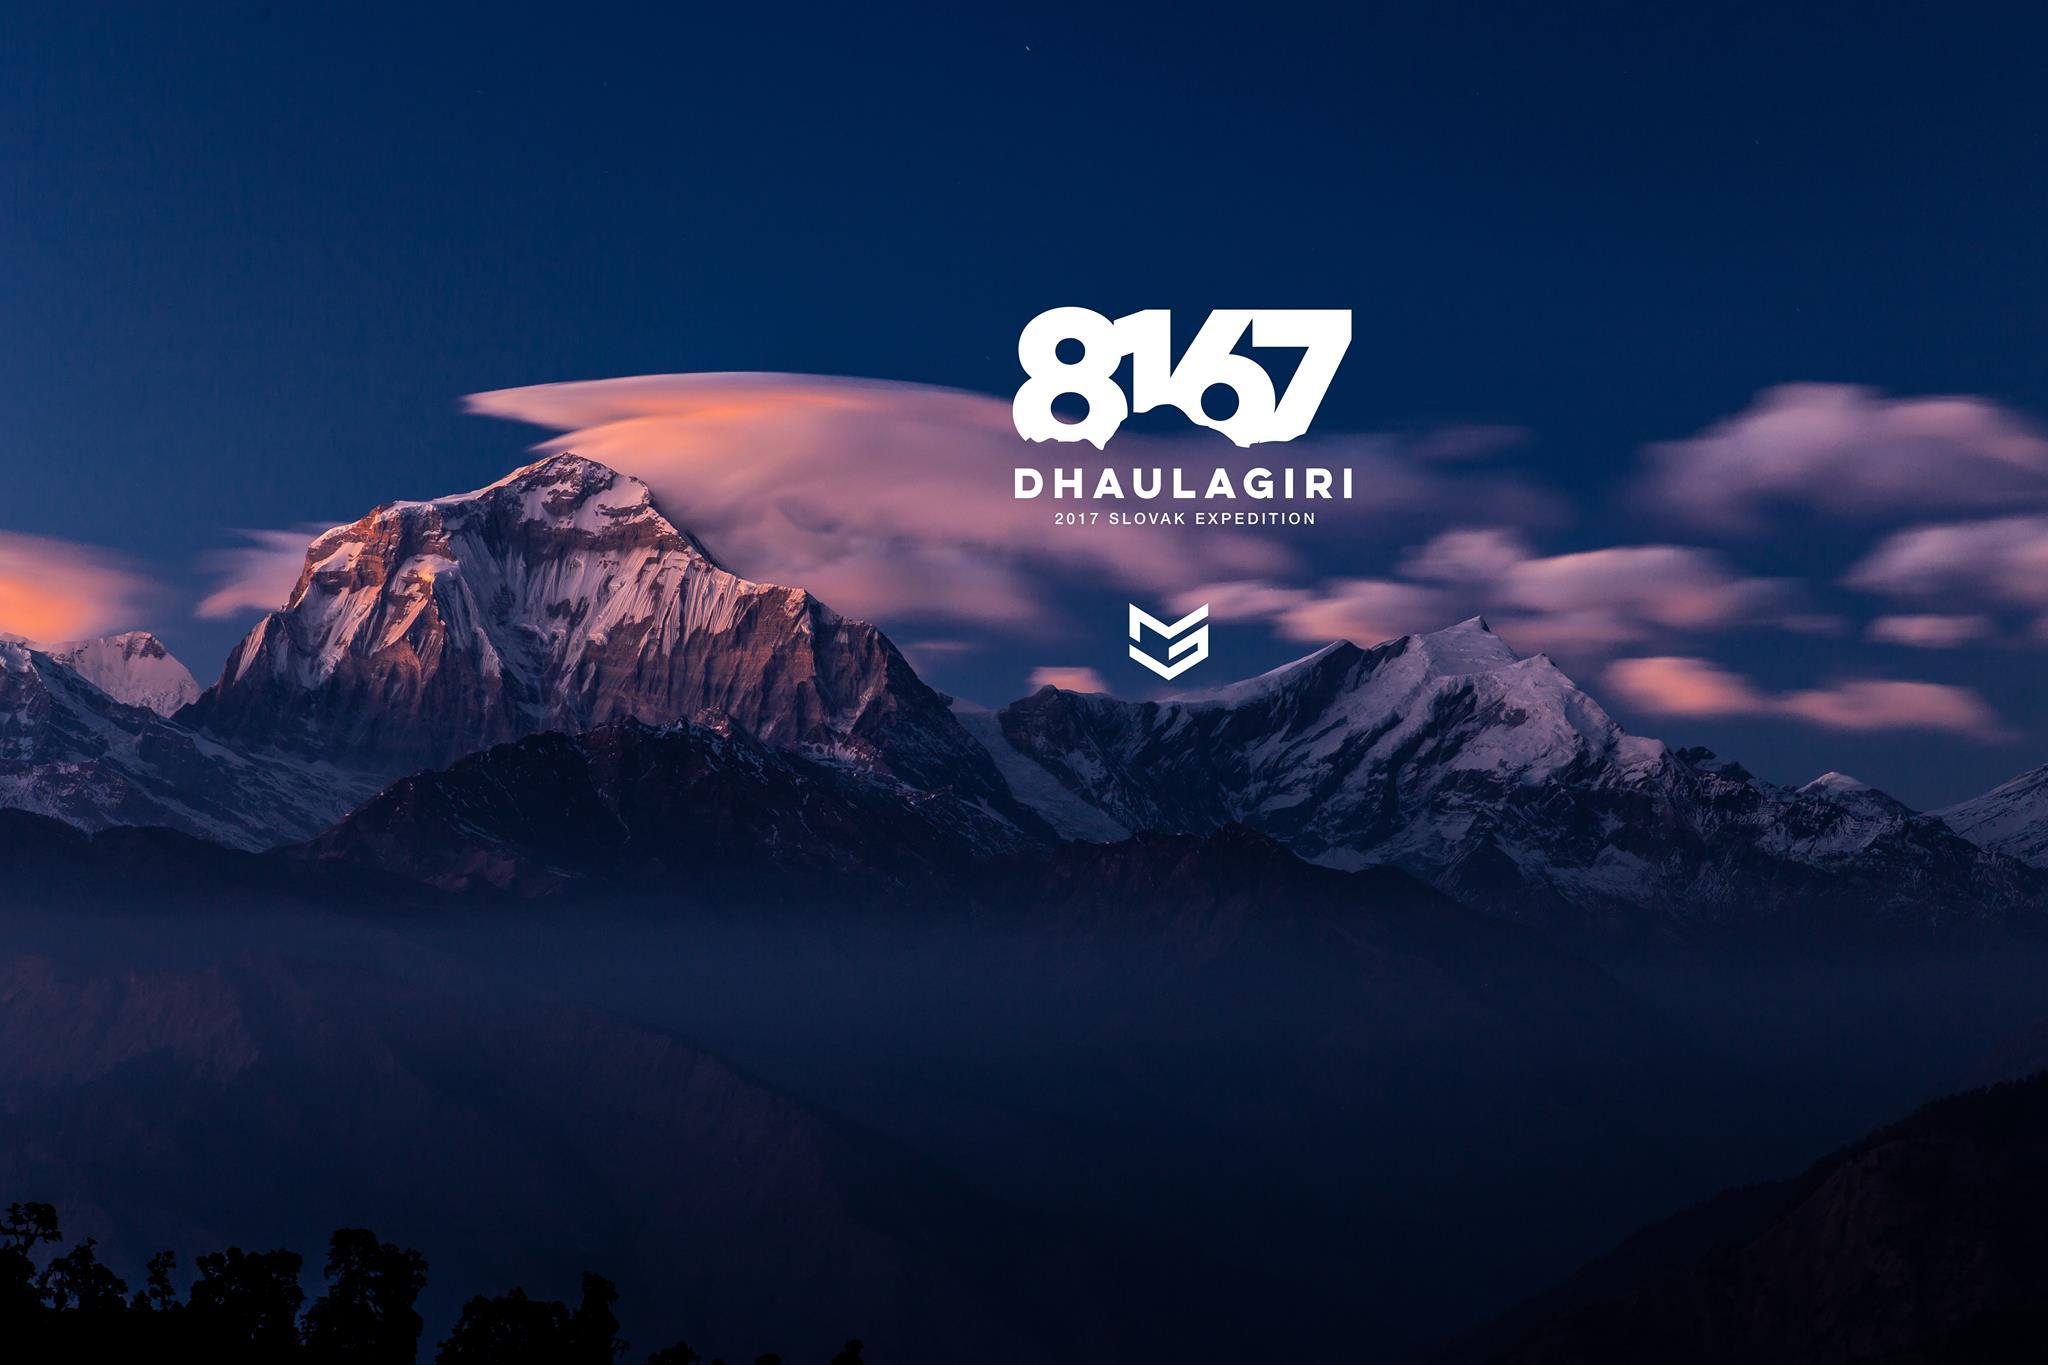 Expresky z hôr 52 - DHAULAGIRI 2017 Slovak Expedition, zdroj: FB page Michal Gabriž